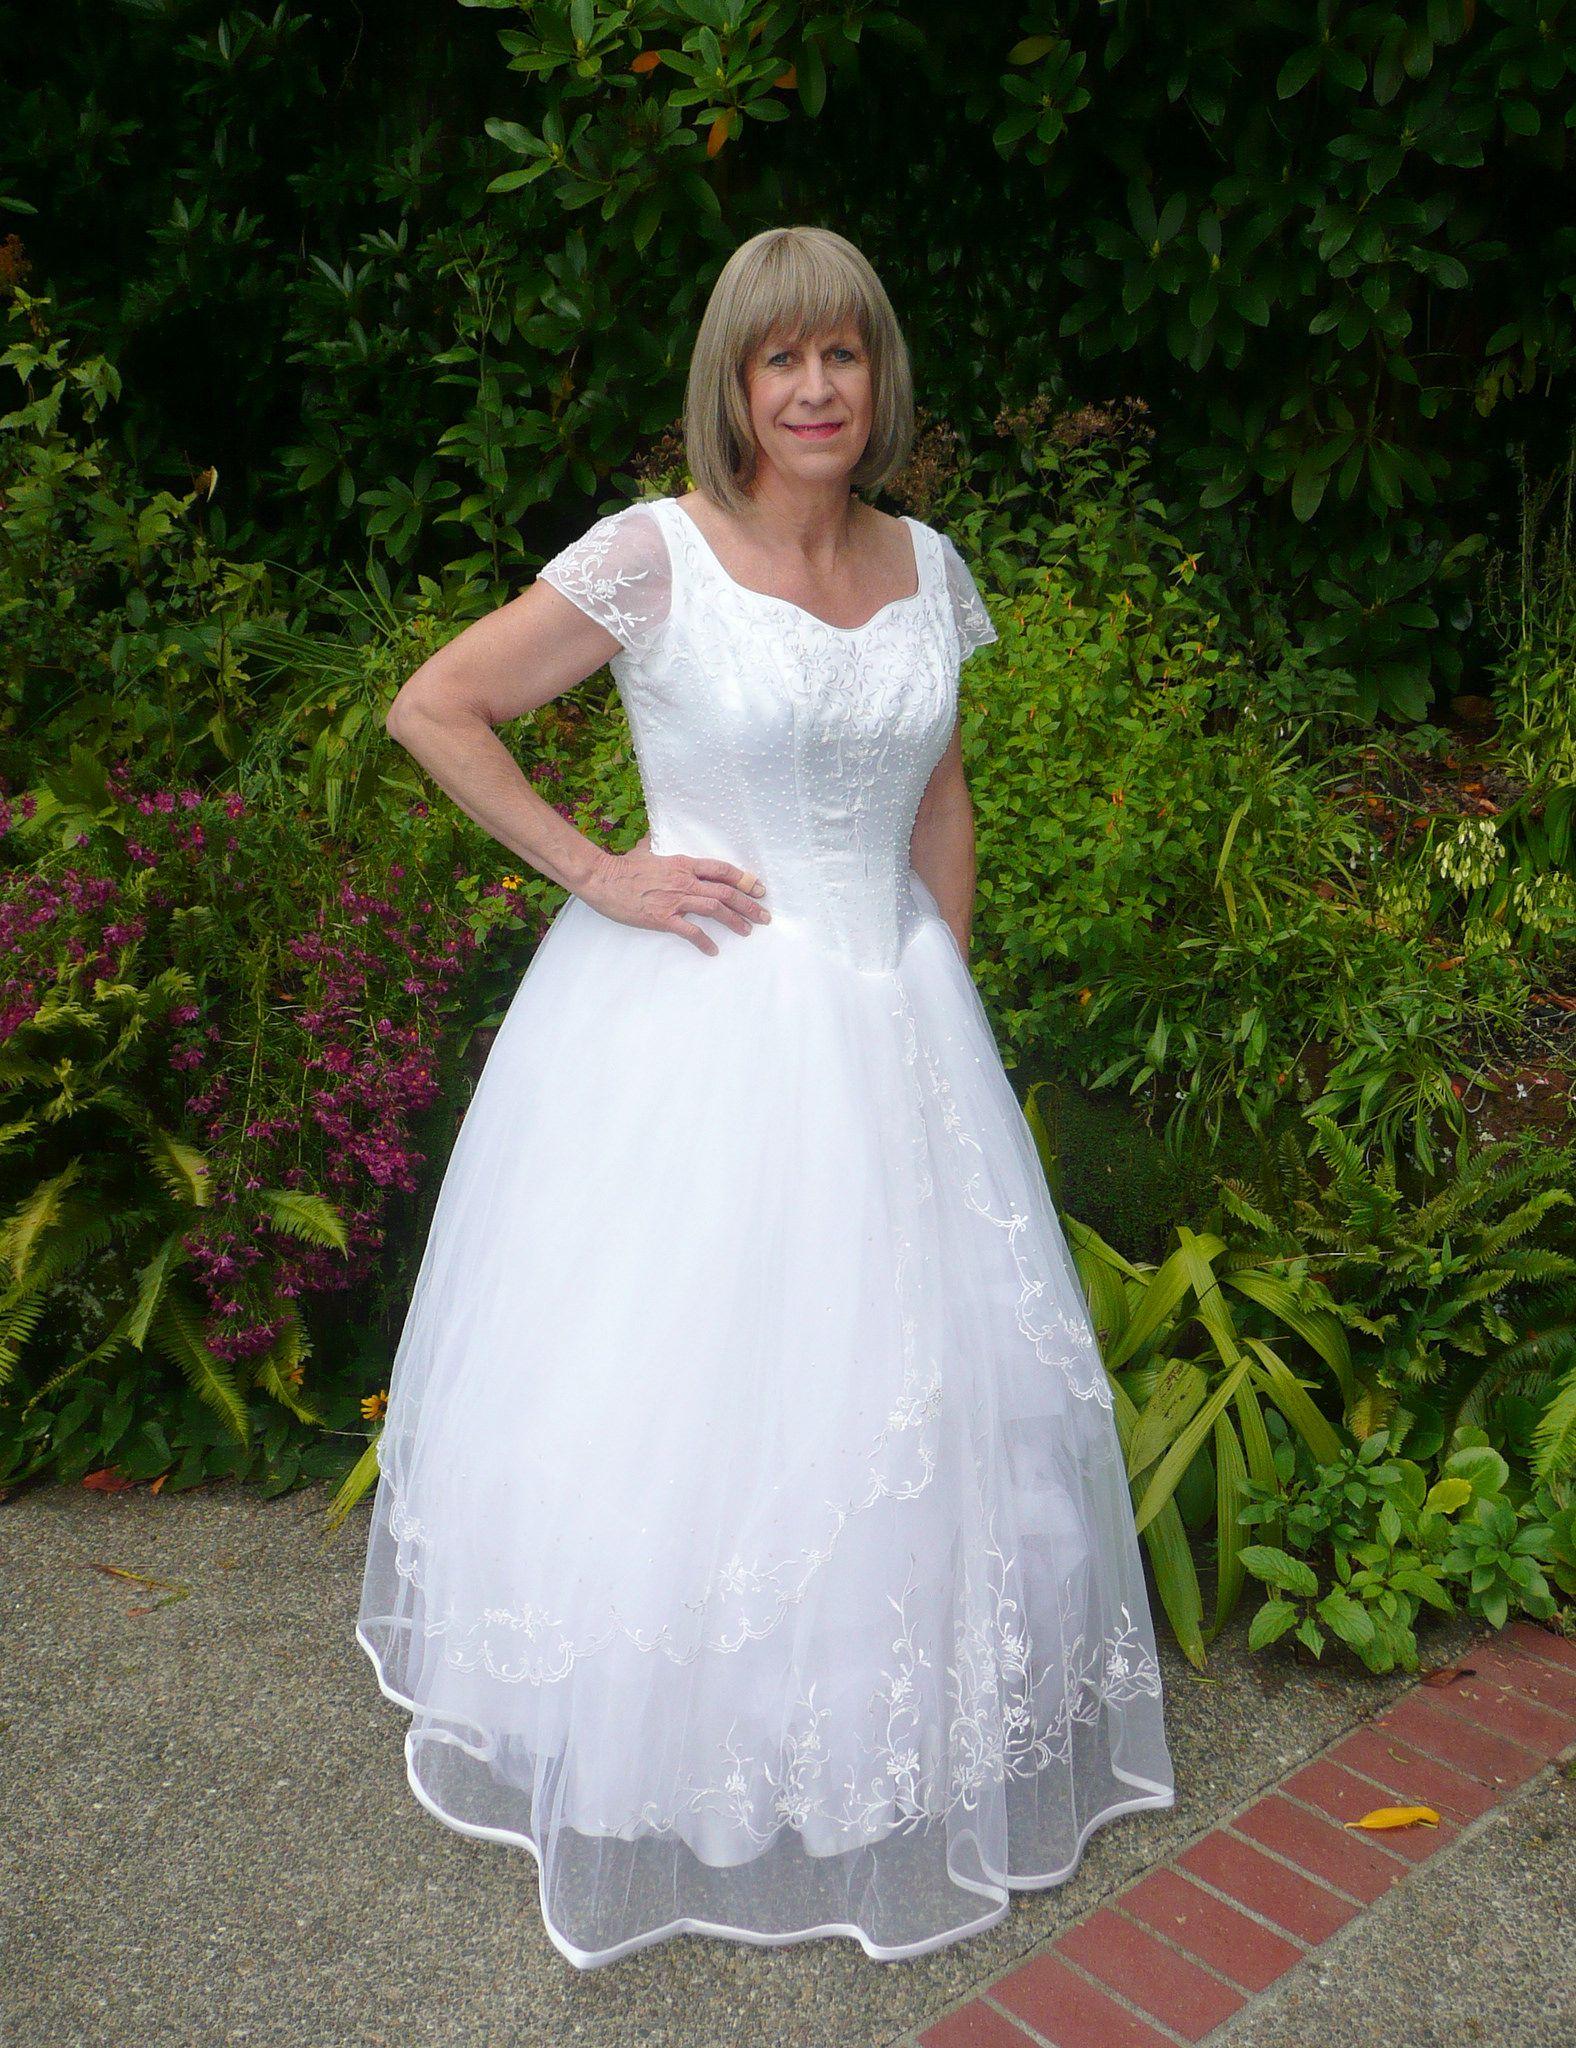 Flickr Bride Crossdressing Wedding Dress